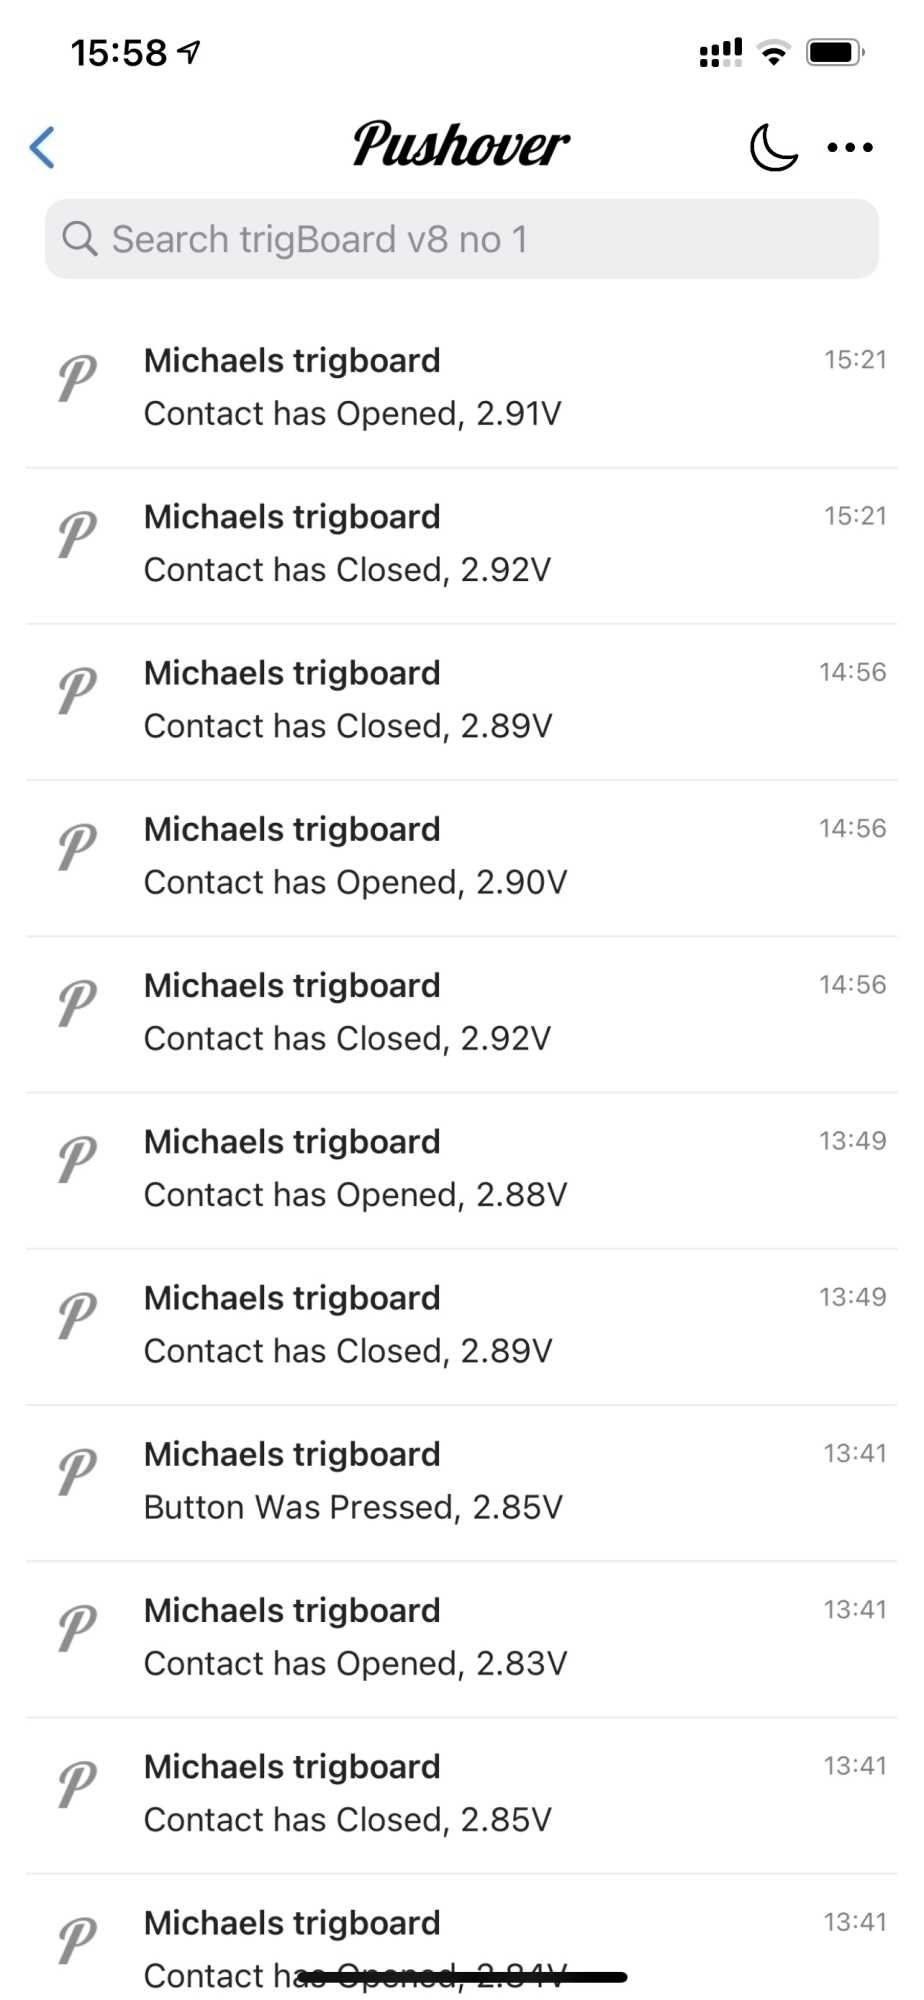 Der Dienst Pushover läuft auf iOS- und Android-Apps. Er empfängt die Meldungen des trigBoard und leitet sie weiter.